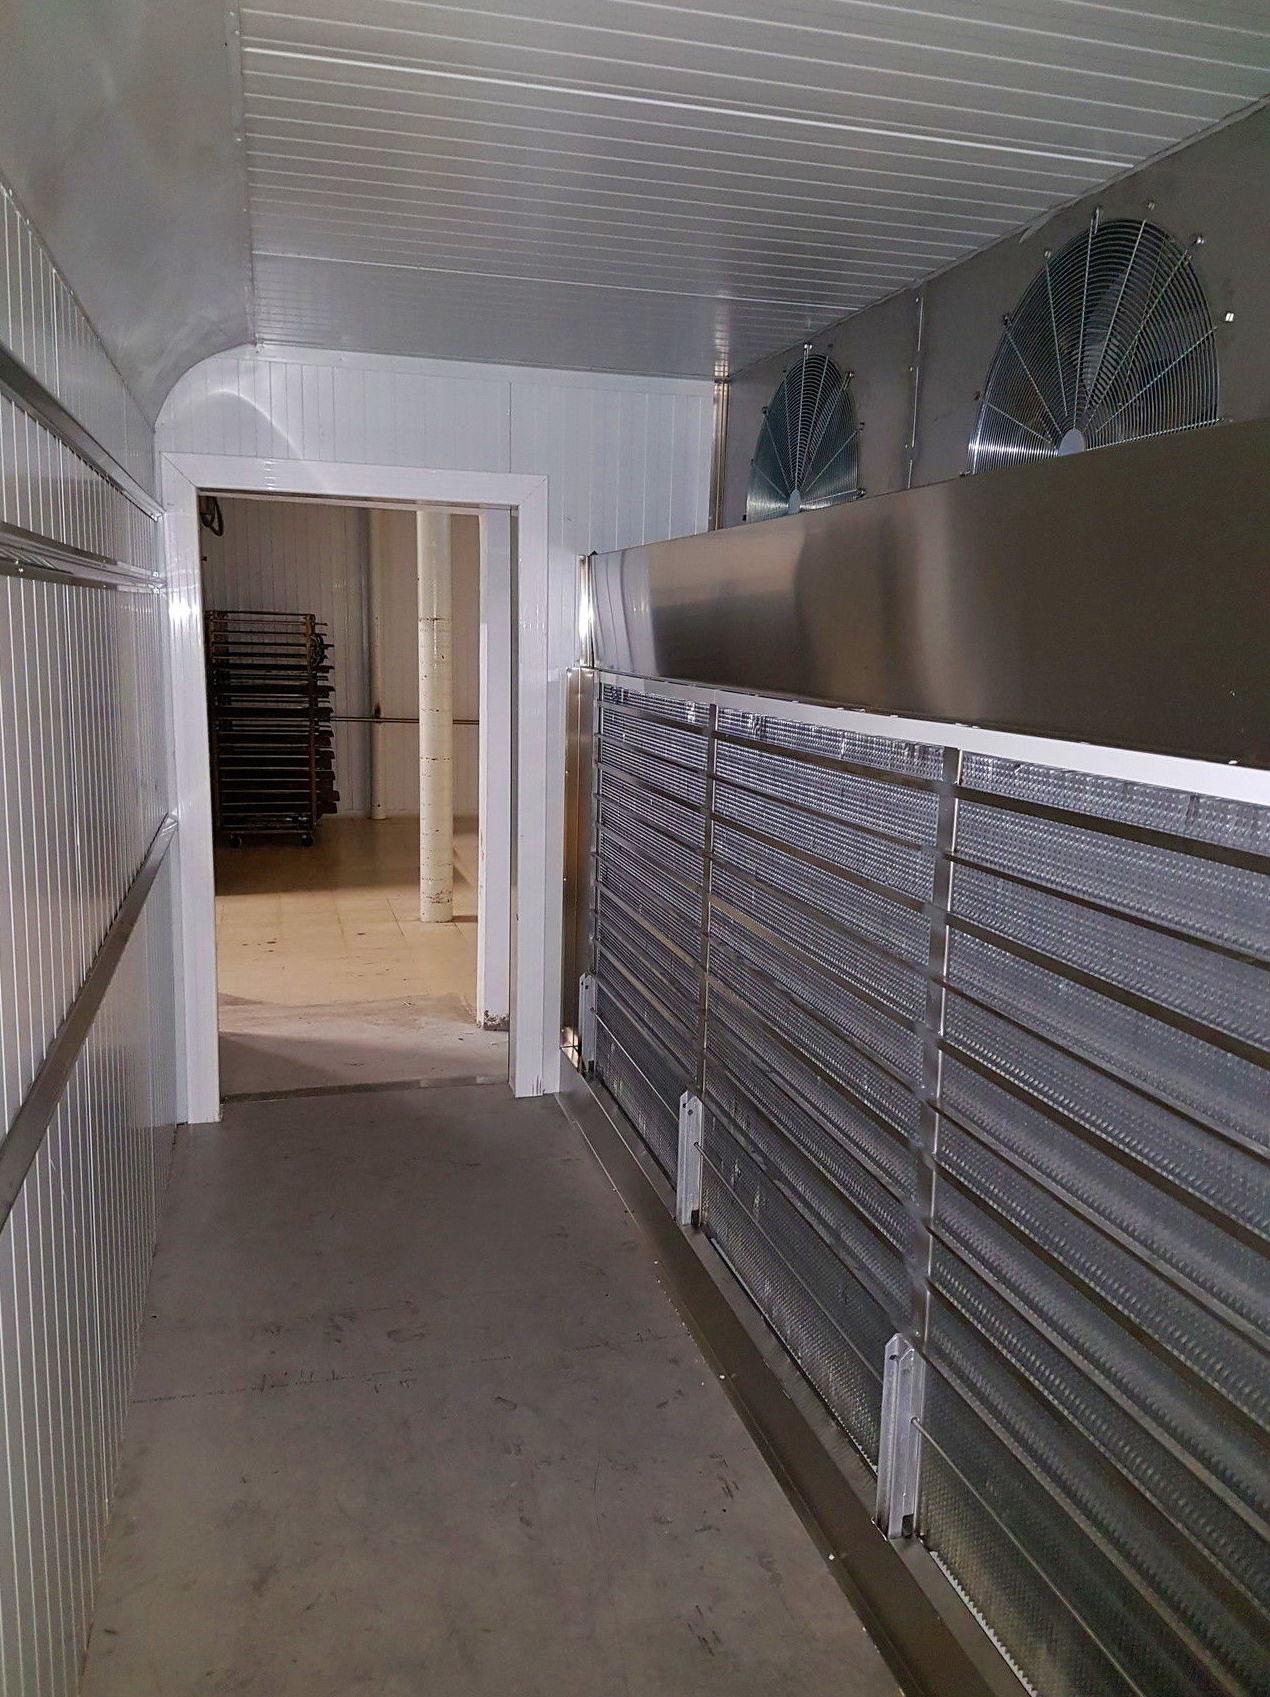 TÚNELES ULTRA-RÁPIDOS MH-STYLE: Productos y servicios de MH Refrigeración